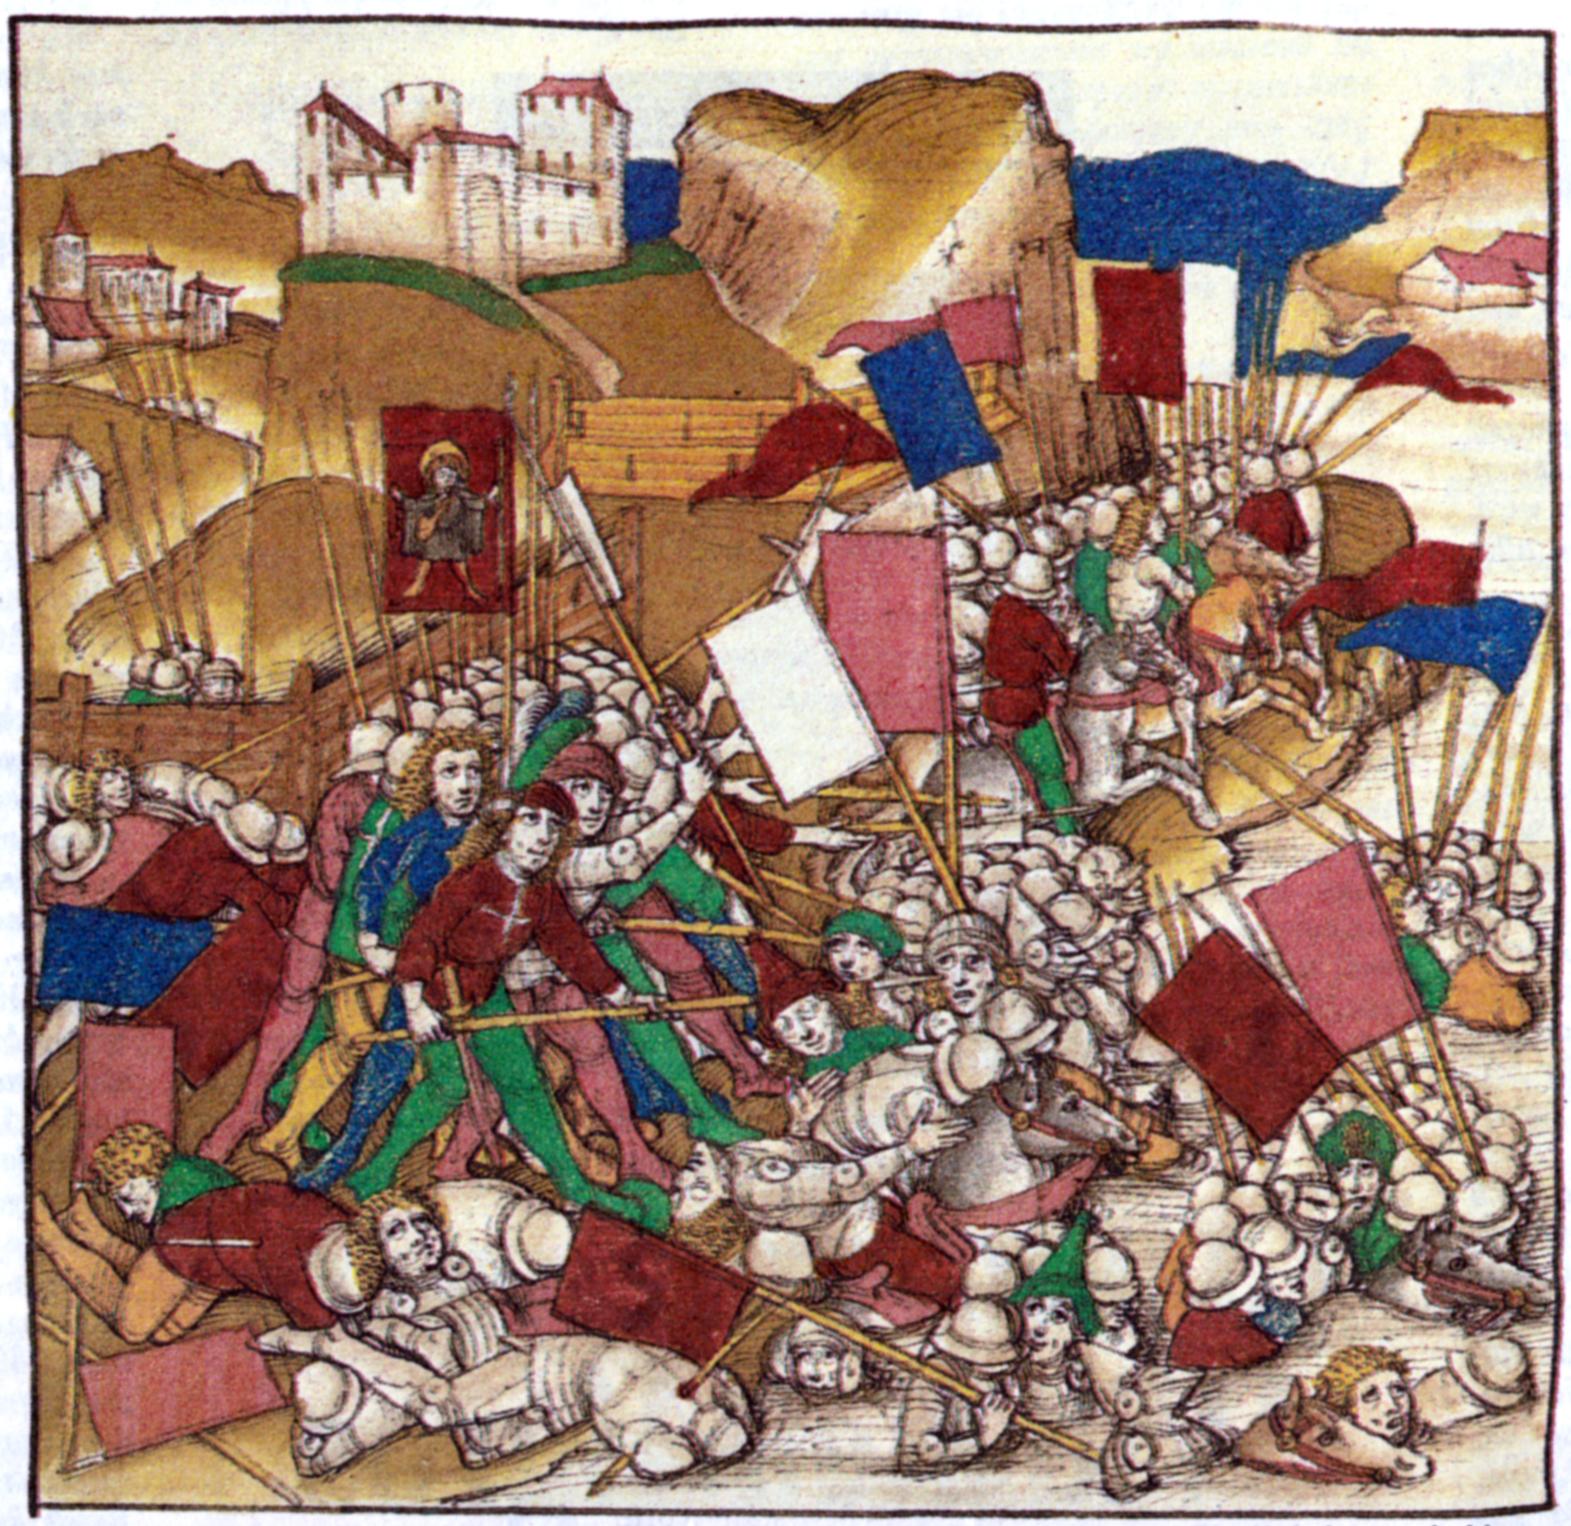 Schlacht bei Naefels